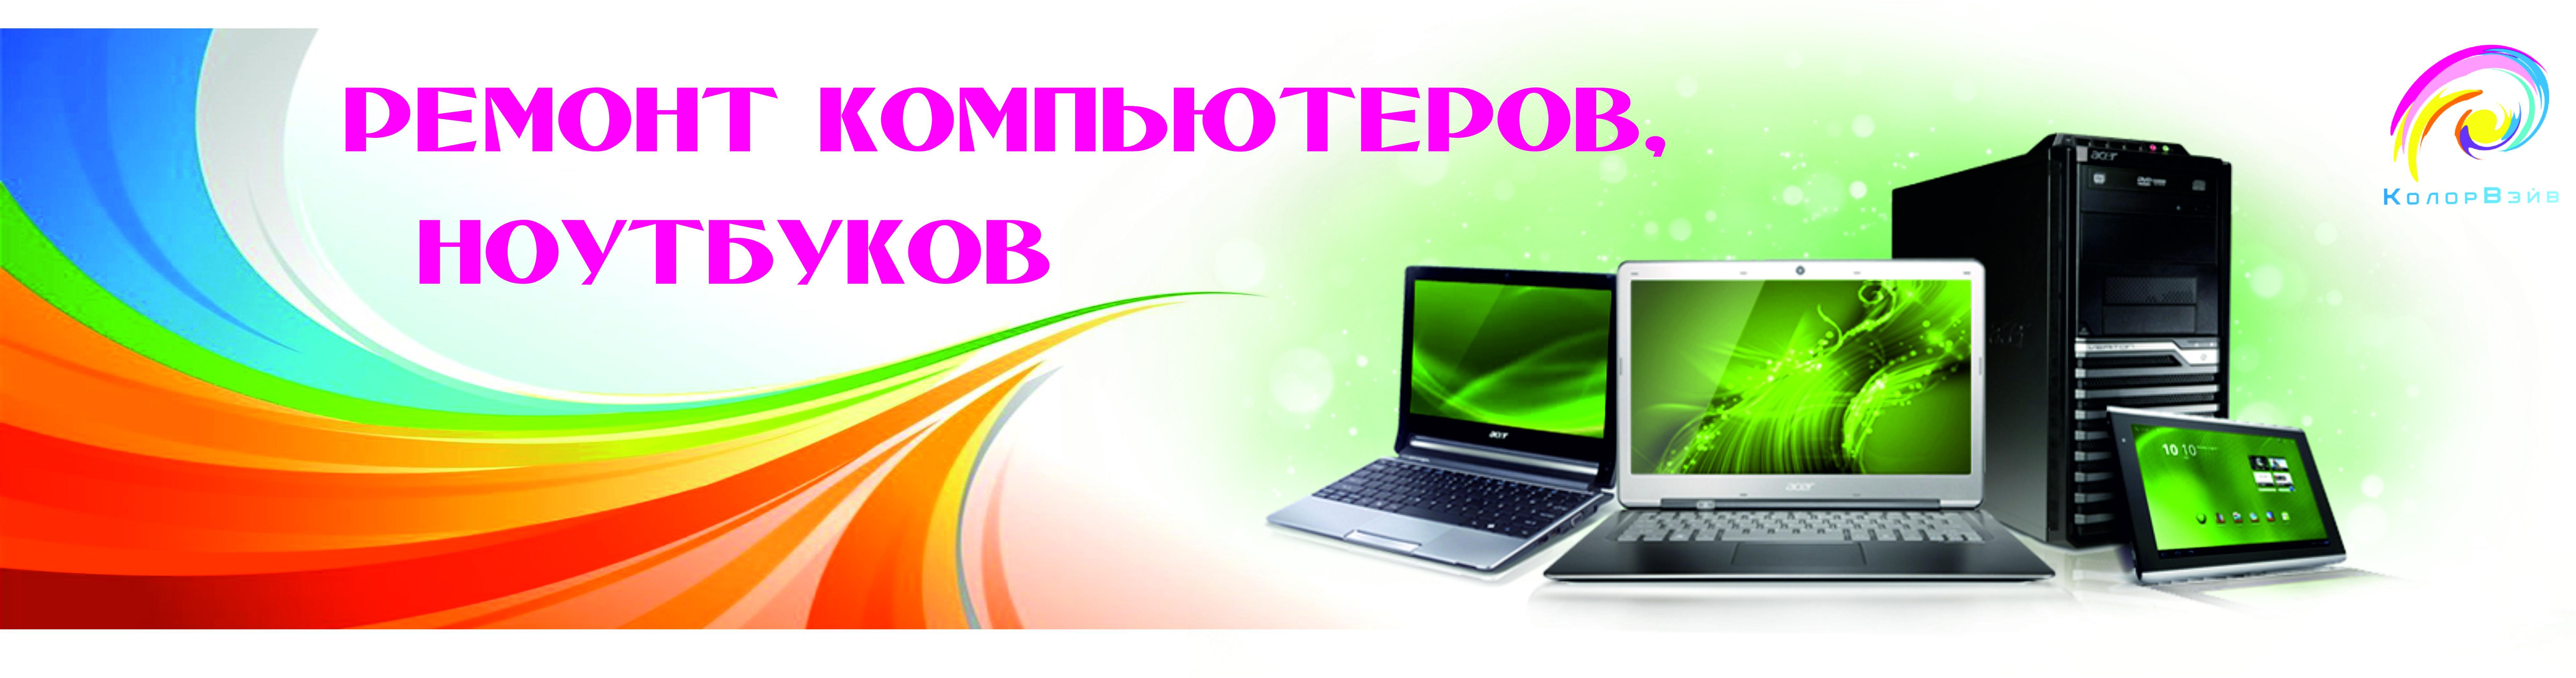 Бесплатная диагностика ноутбука (0 руб), чистка от пыли (с заменой термопасты) за 20 руб.